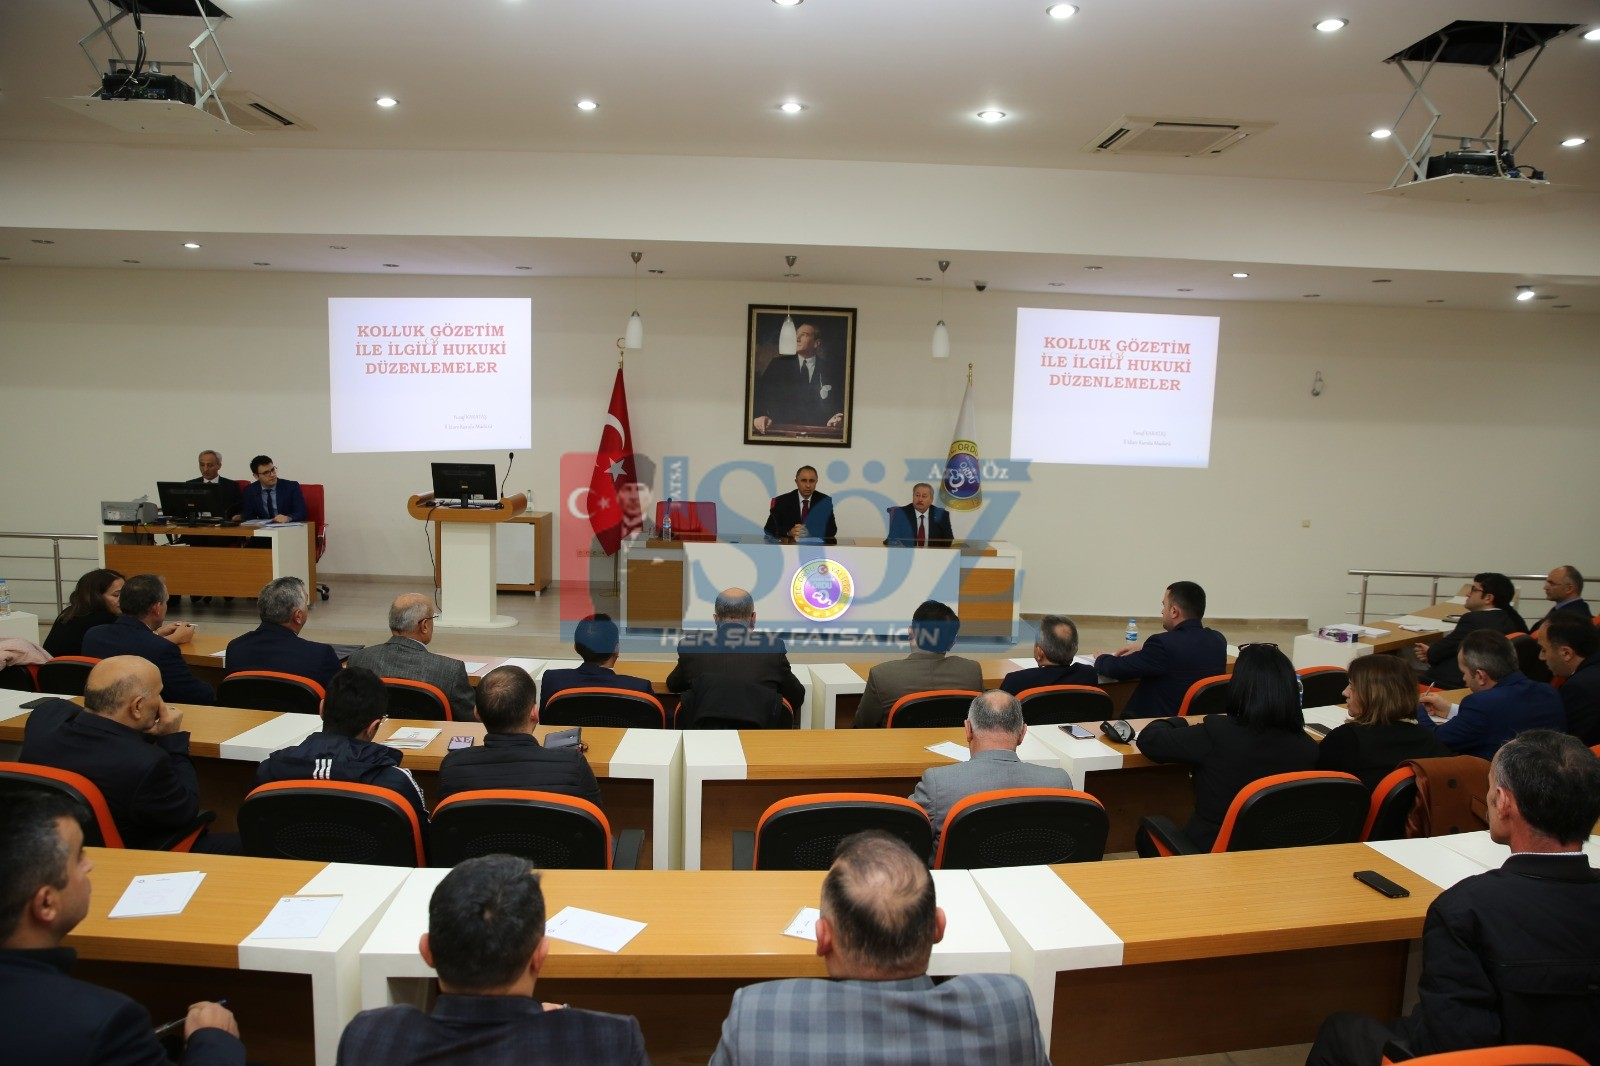 Kolluk Gözetim Komisyonu Eğitimi Yapıldı